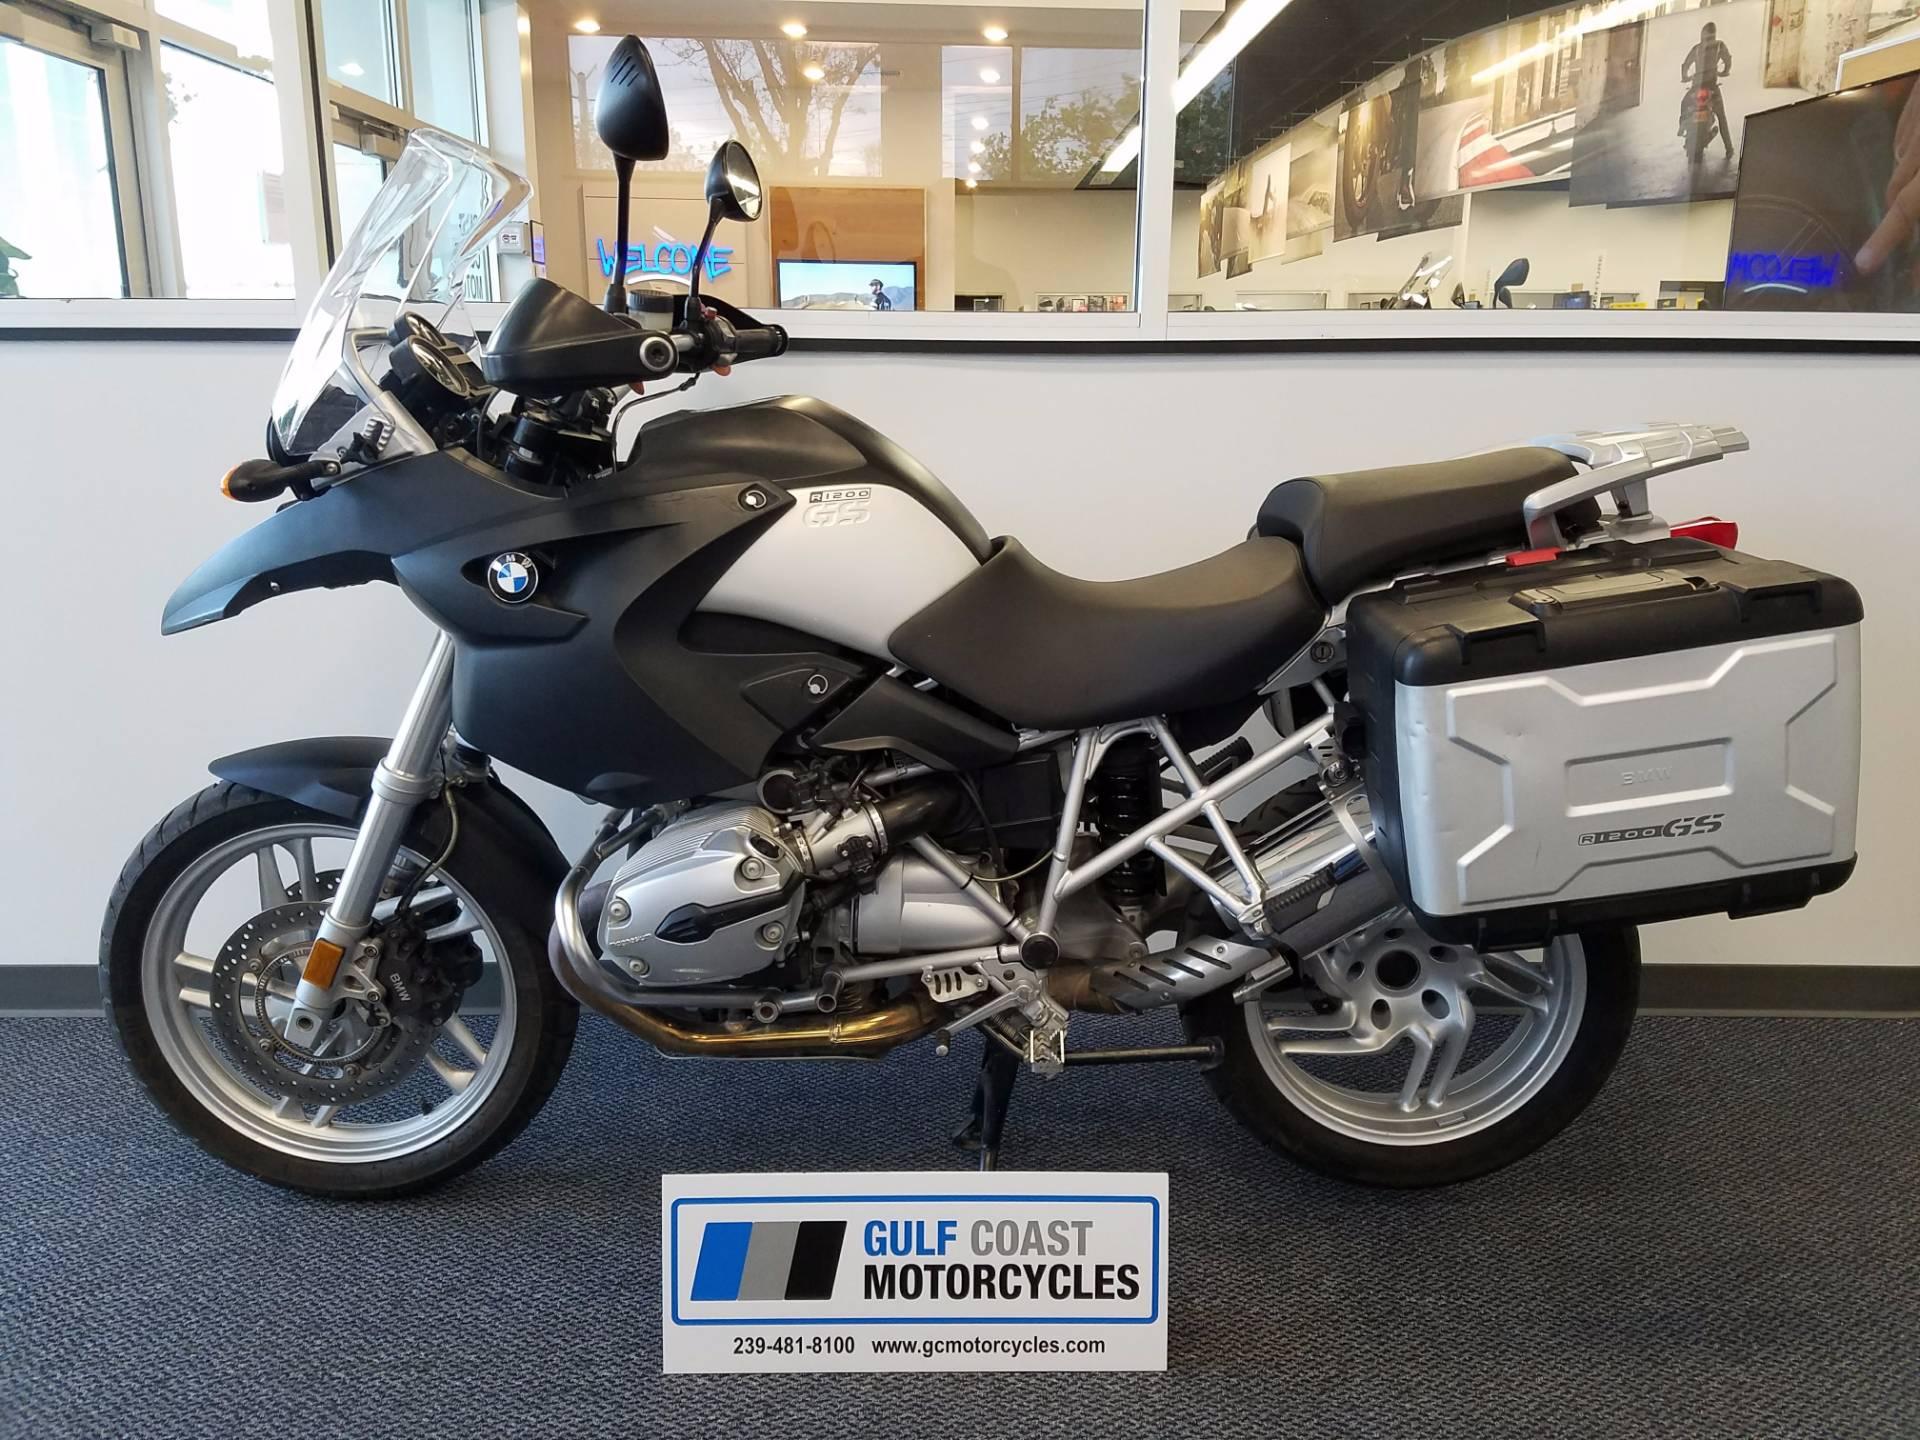 2005 R 1200 GS